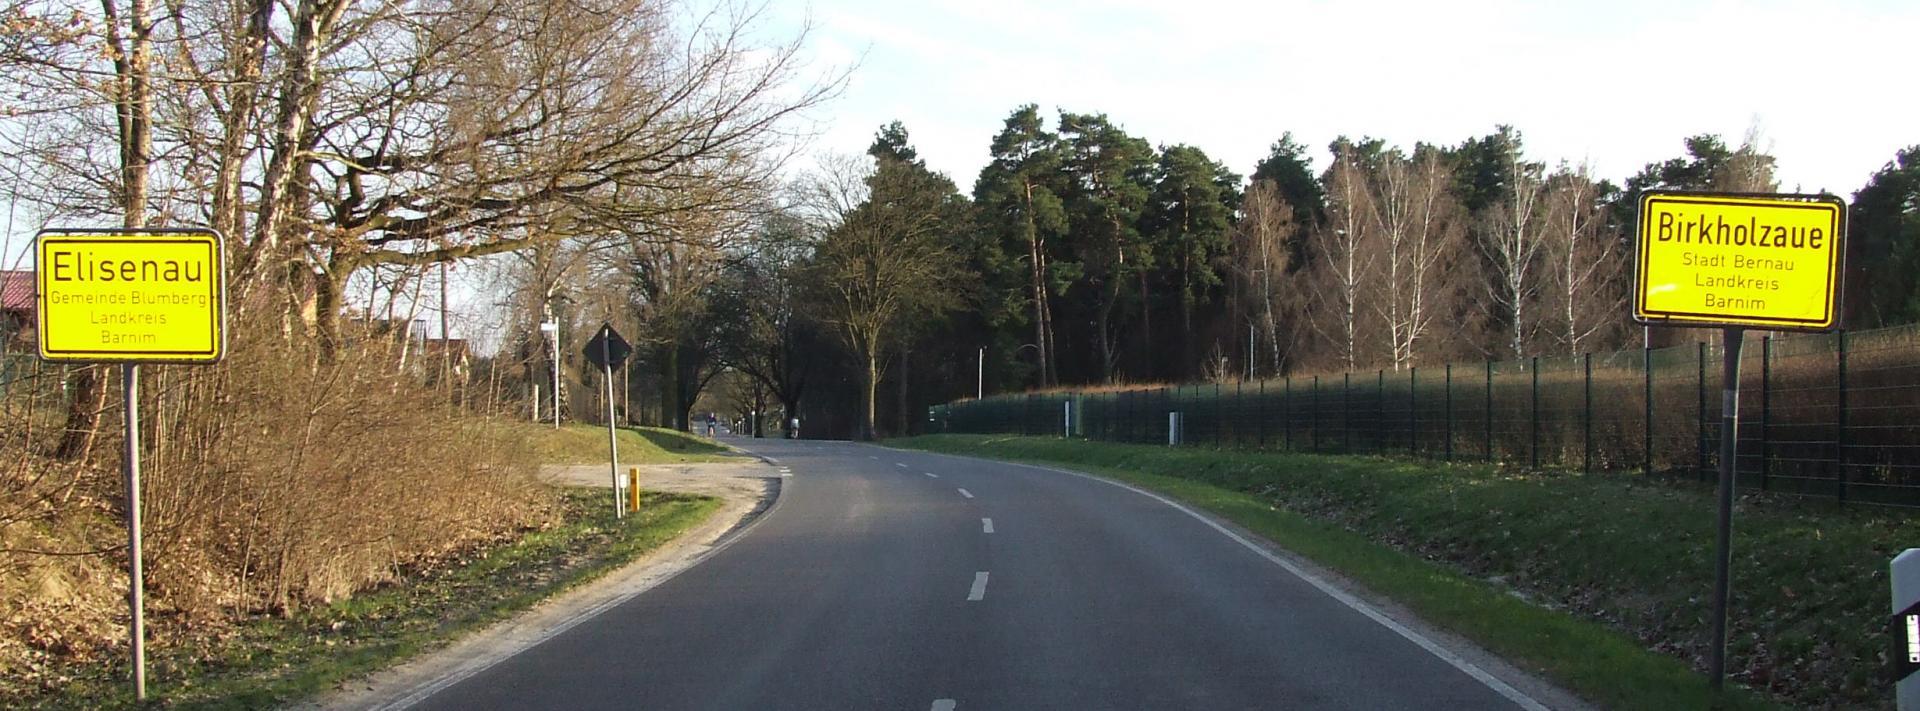 Elisenau Ortseingang